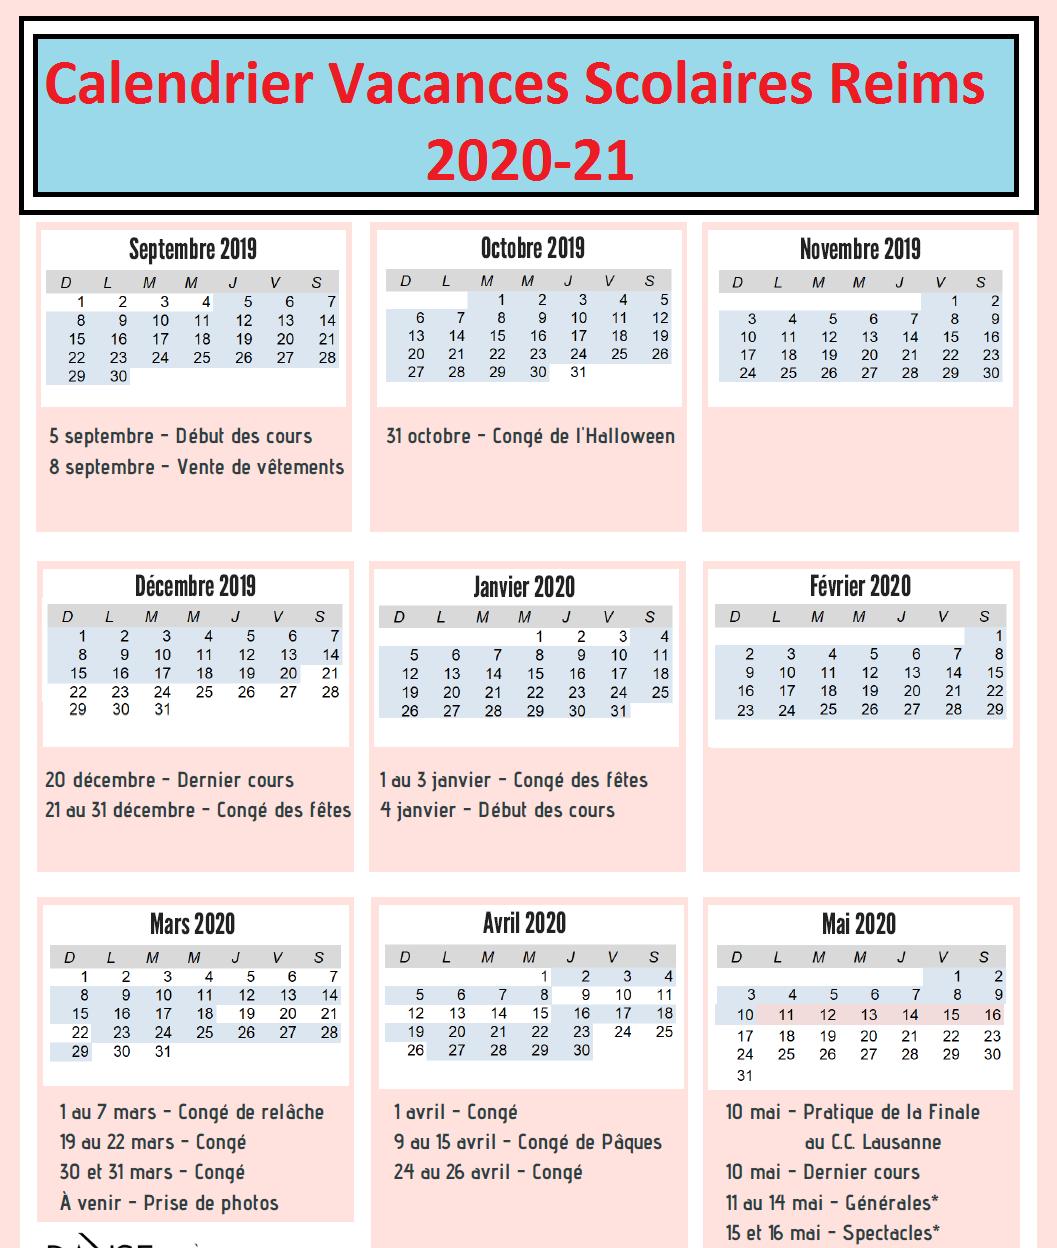 Vacances Scolaires 2019 et 2020 Reims